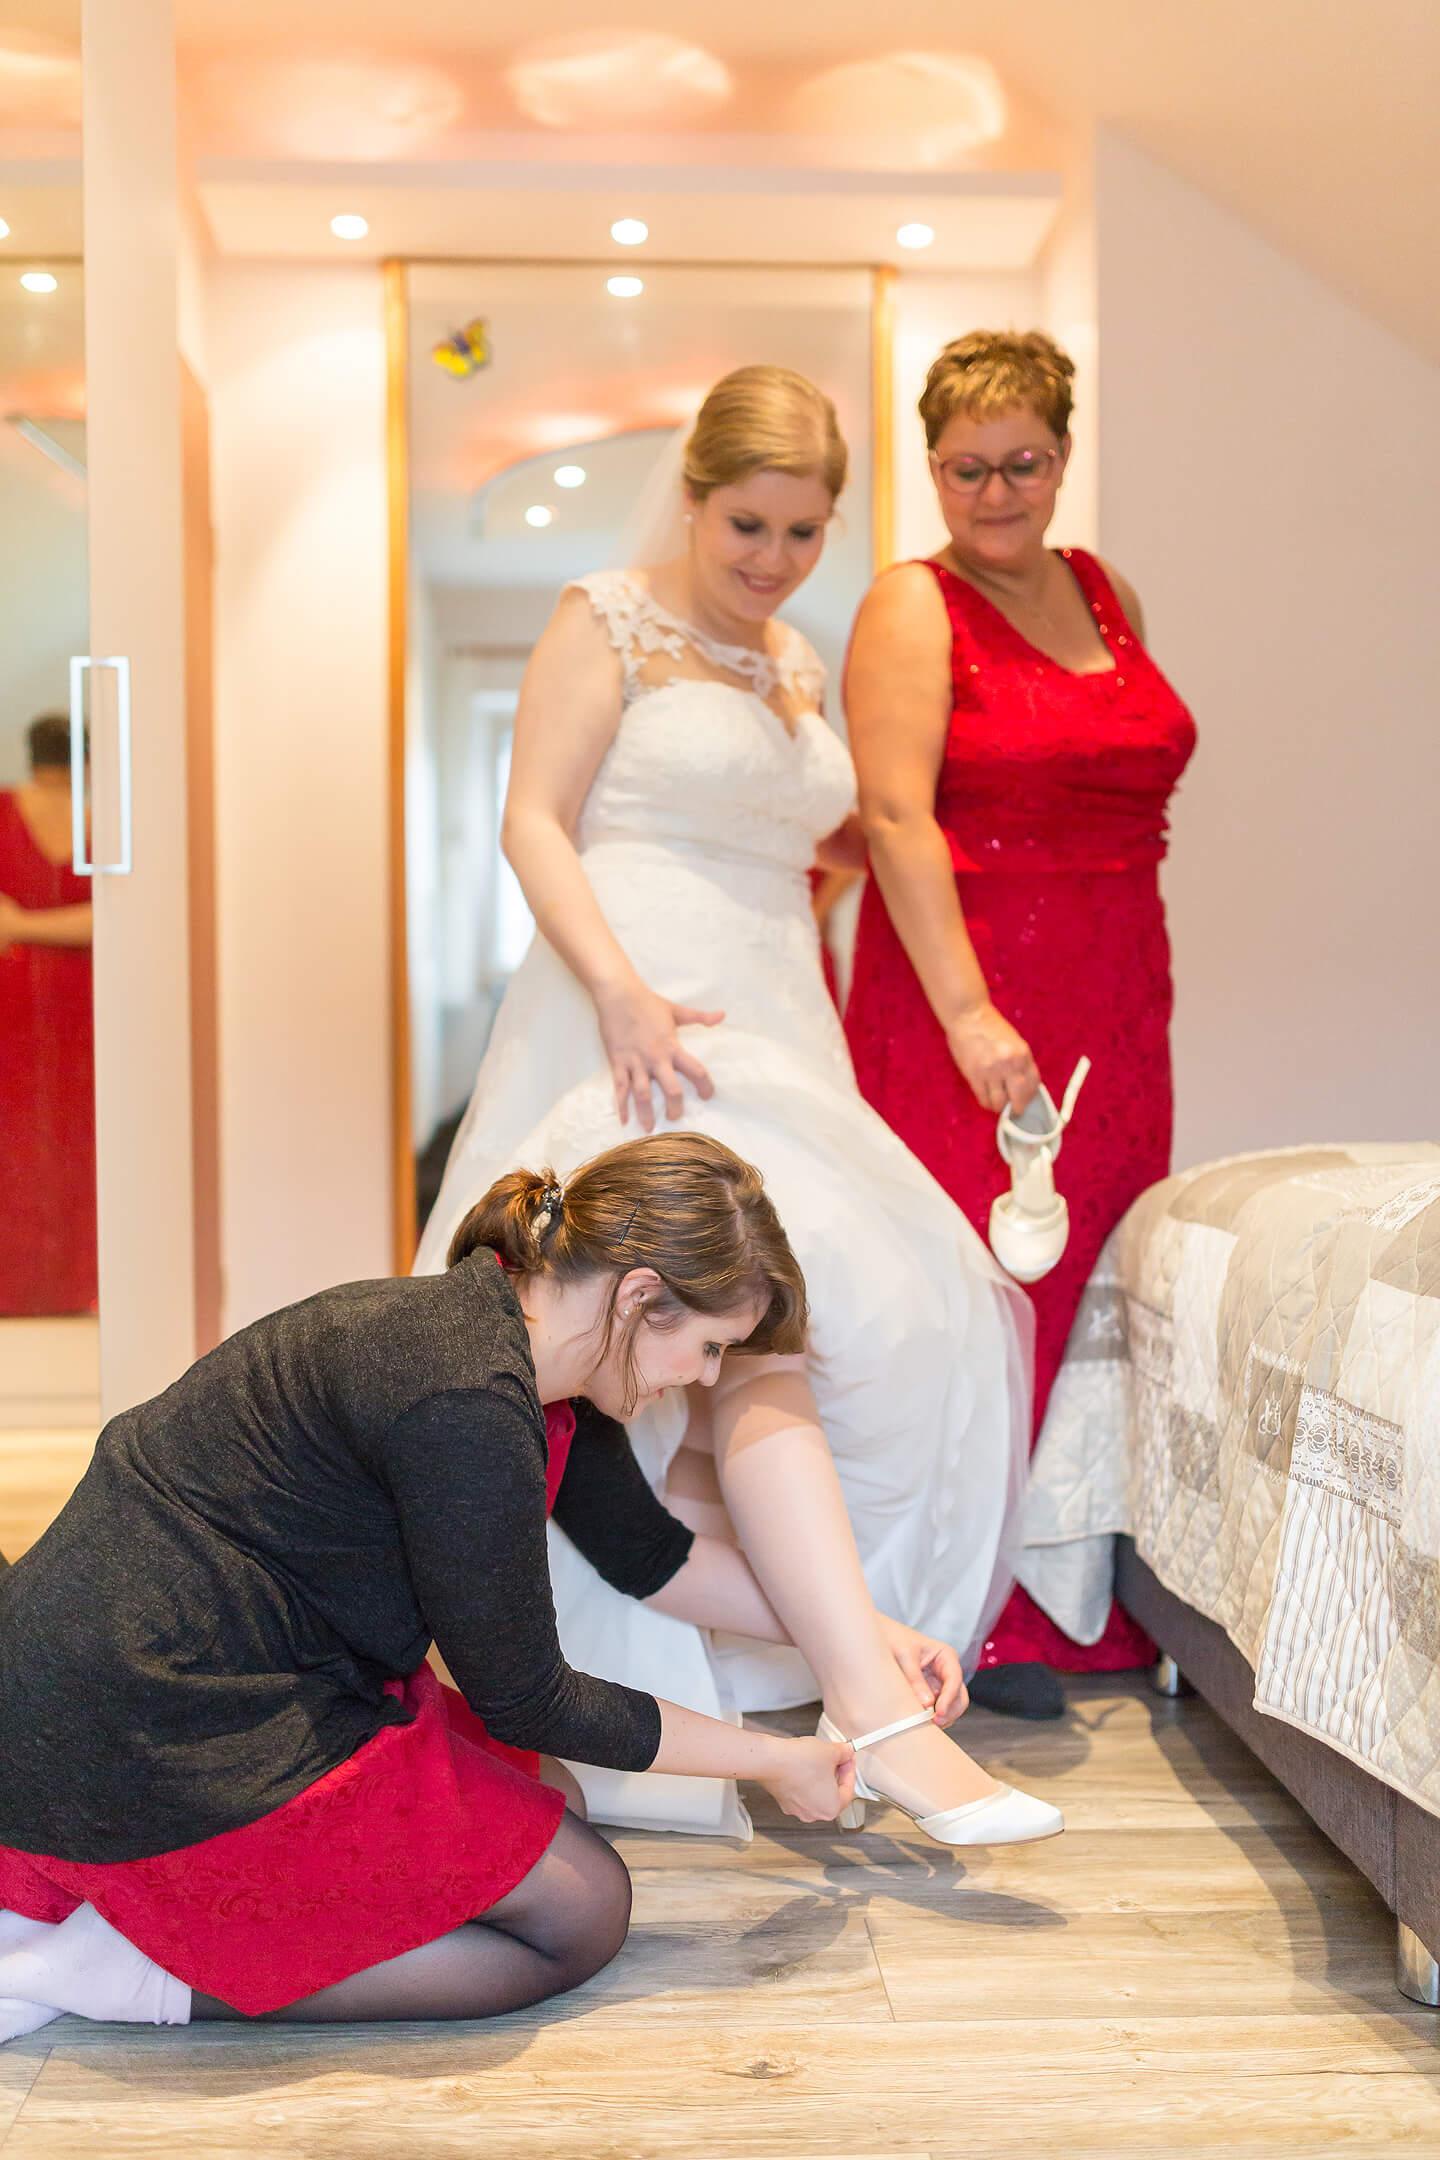 Jede Hochzeitsreportage beginnt beim morgendlichen Anziehen der Braut